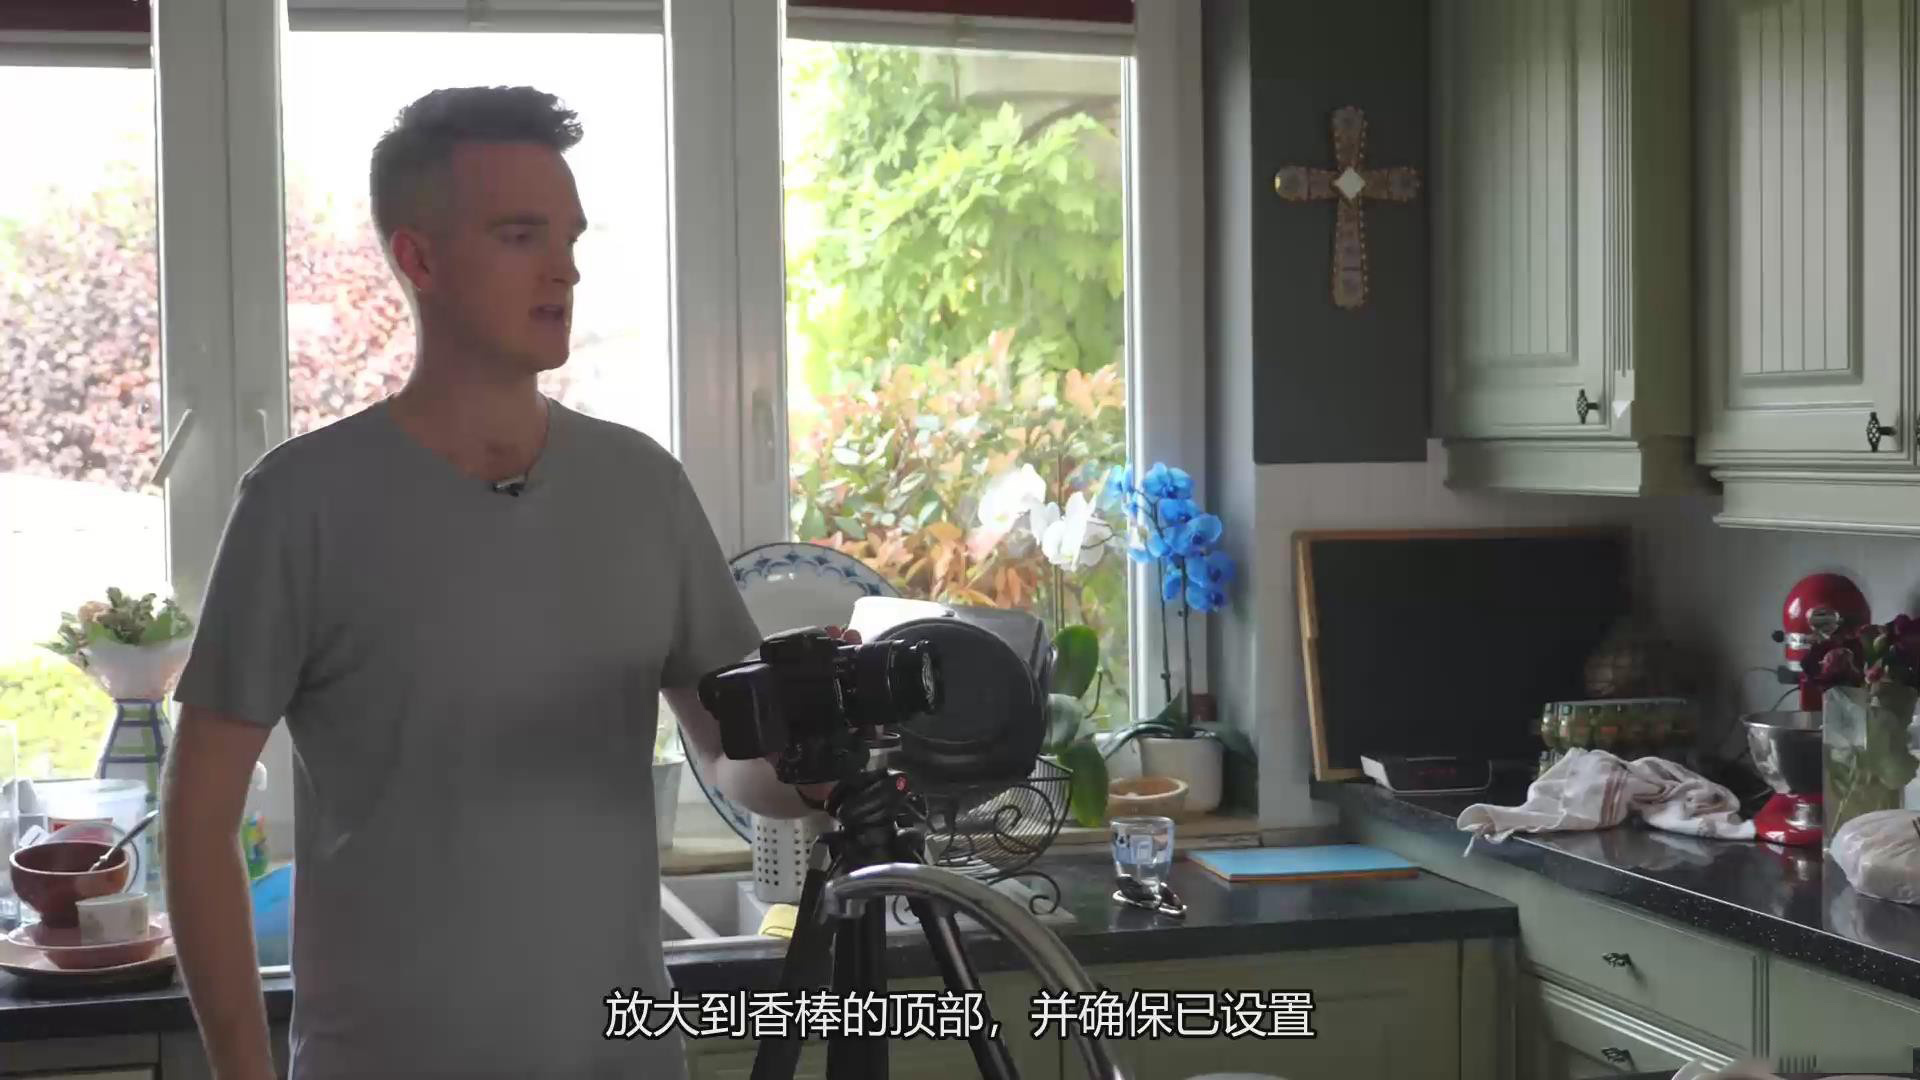 摄影教程_JOSHUA DUNLOP-30天创意摄影产品项目视频课程-中文字幕 摄影教程 _预览图11